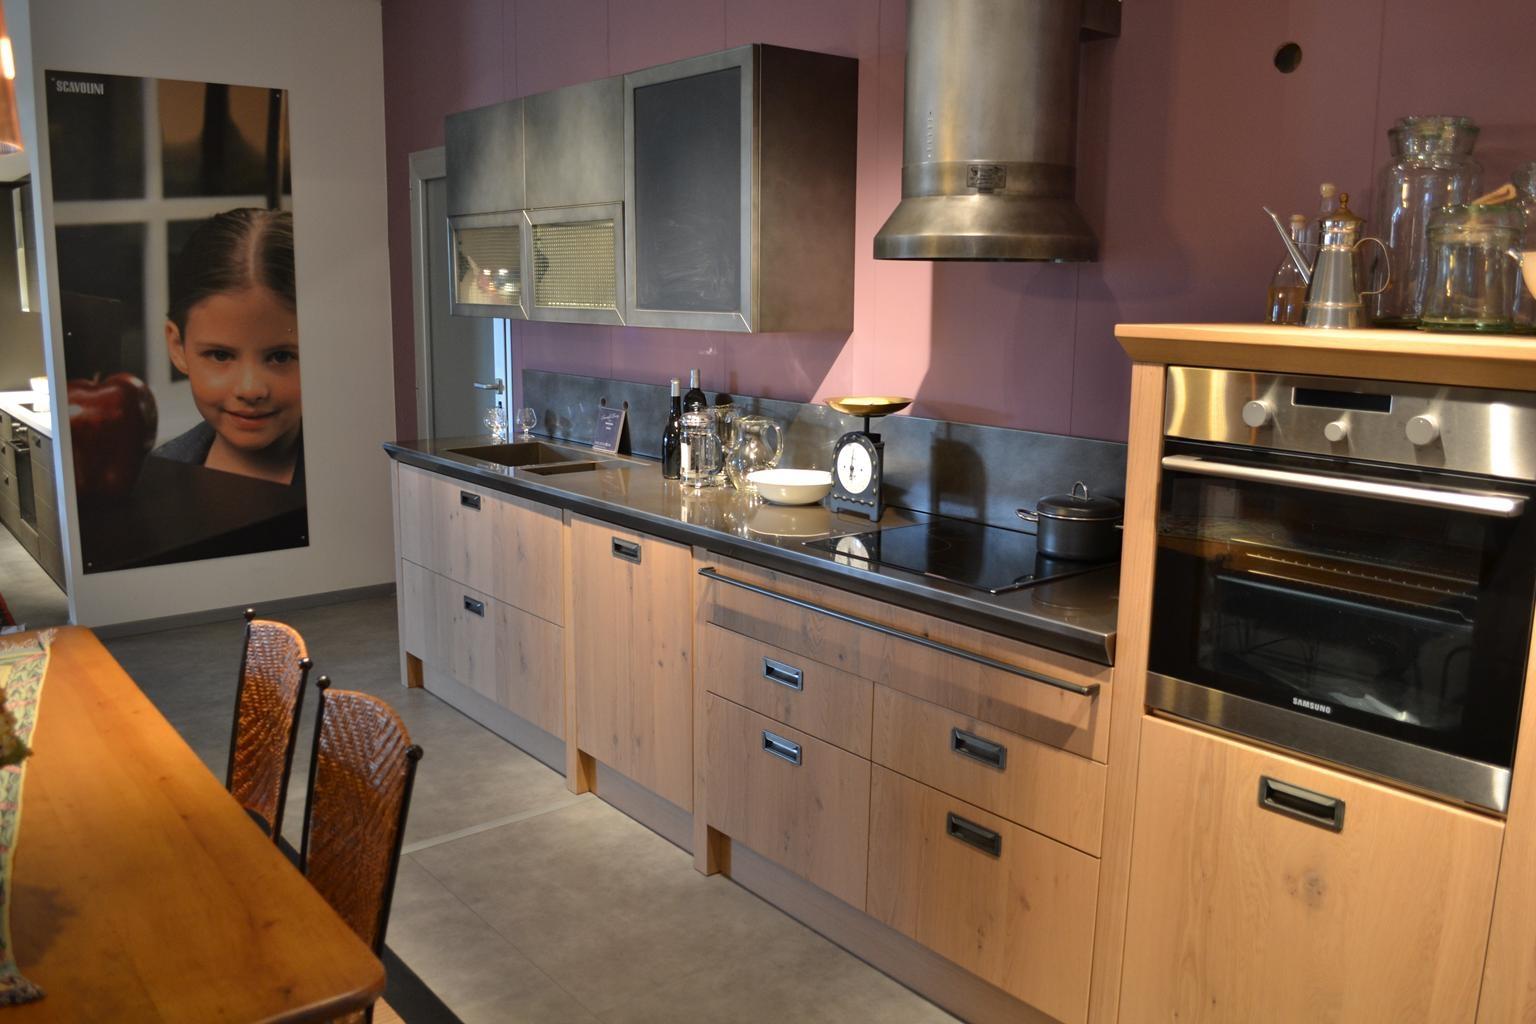 Cucina scavolini diesel cucine a prezzi scontati - Cucine scavolini diesel ...